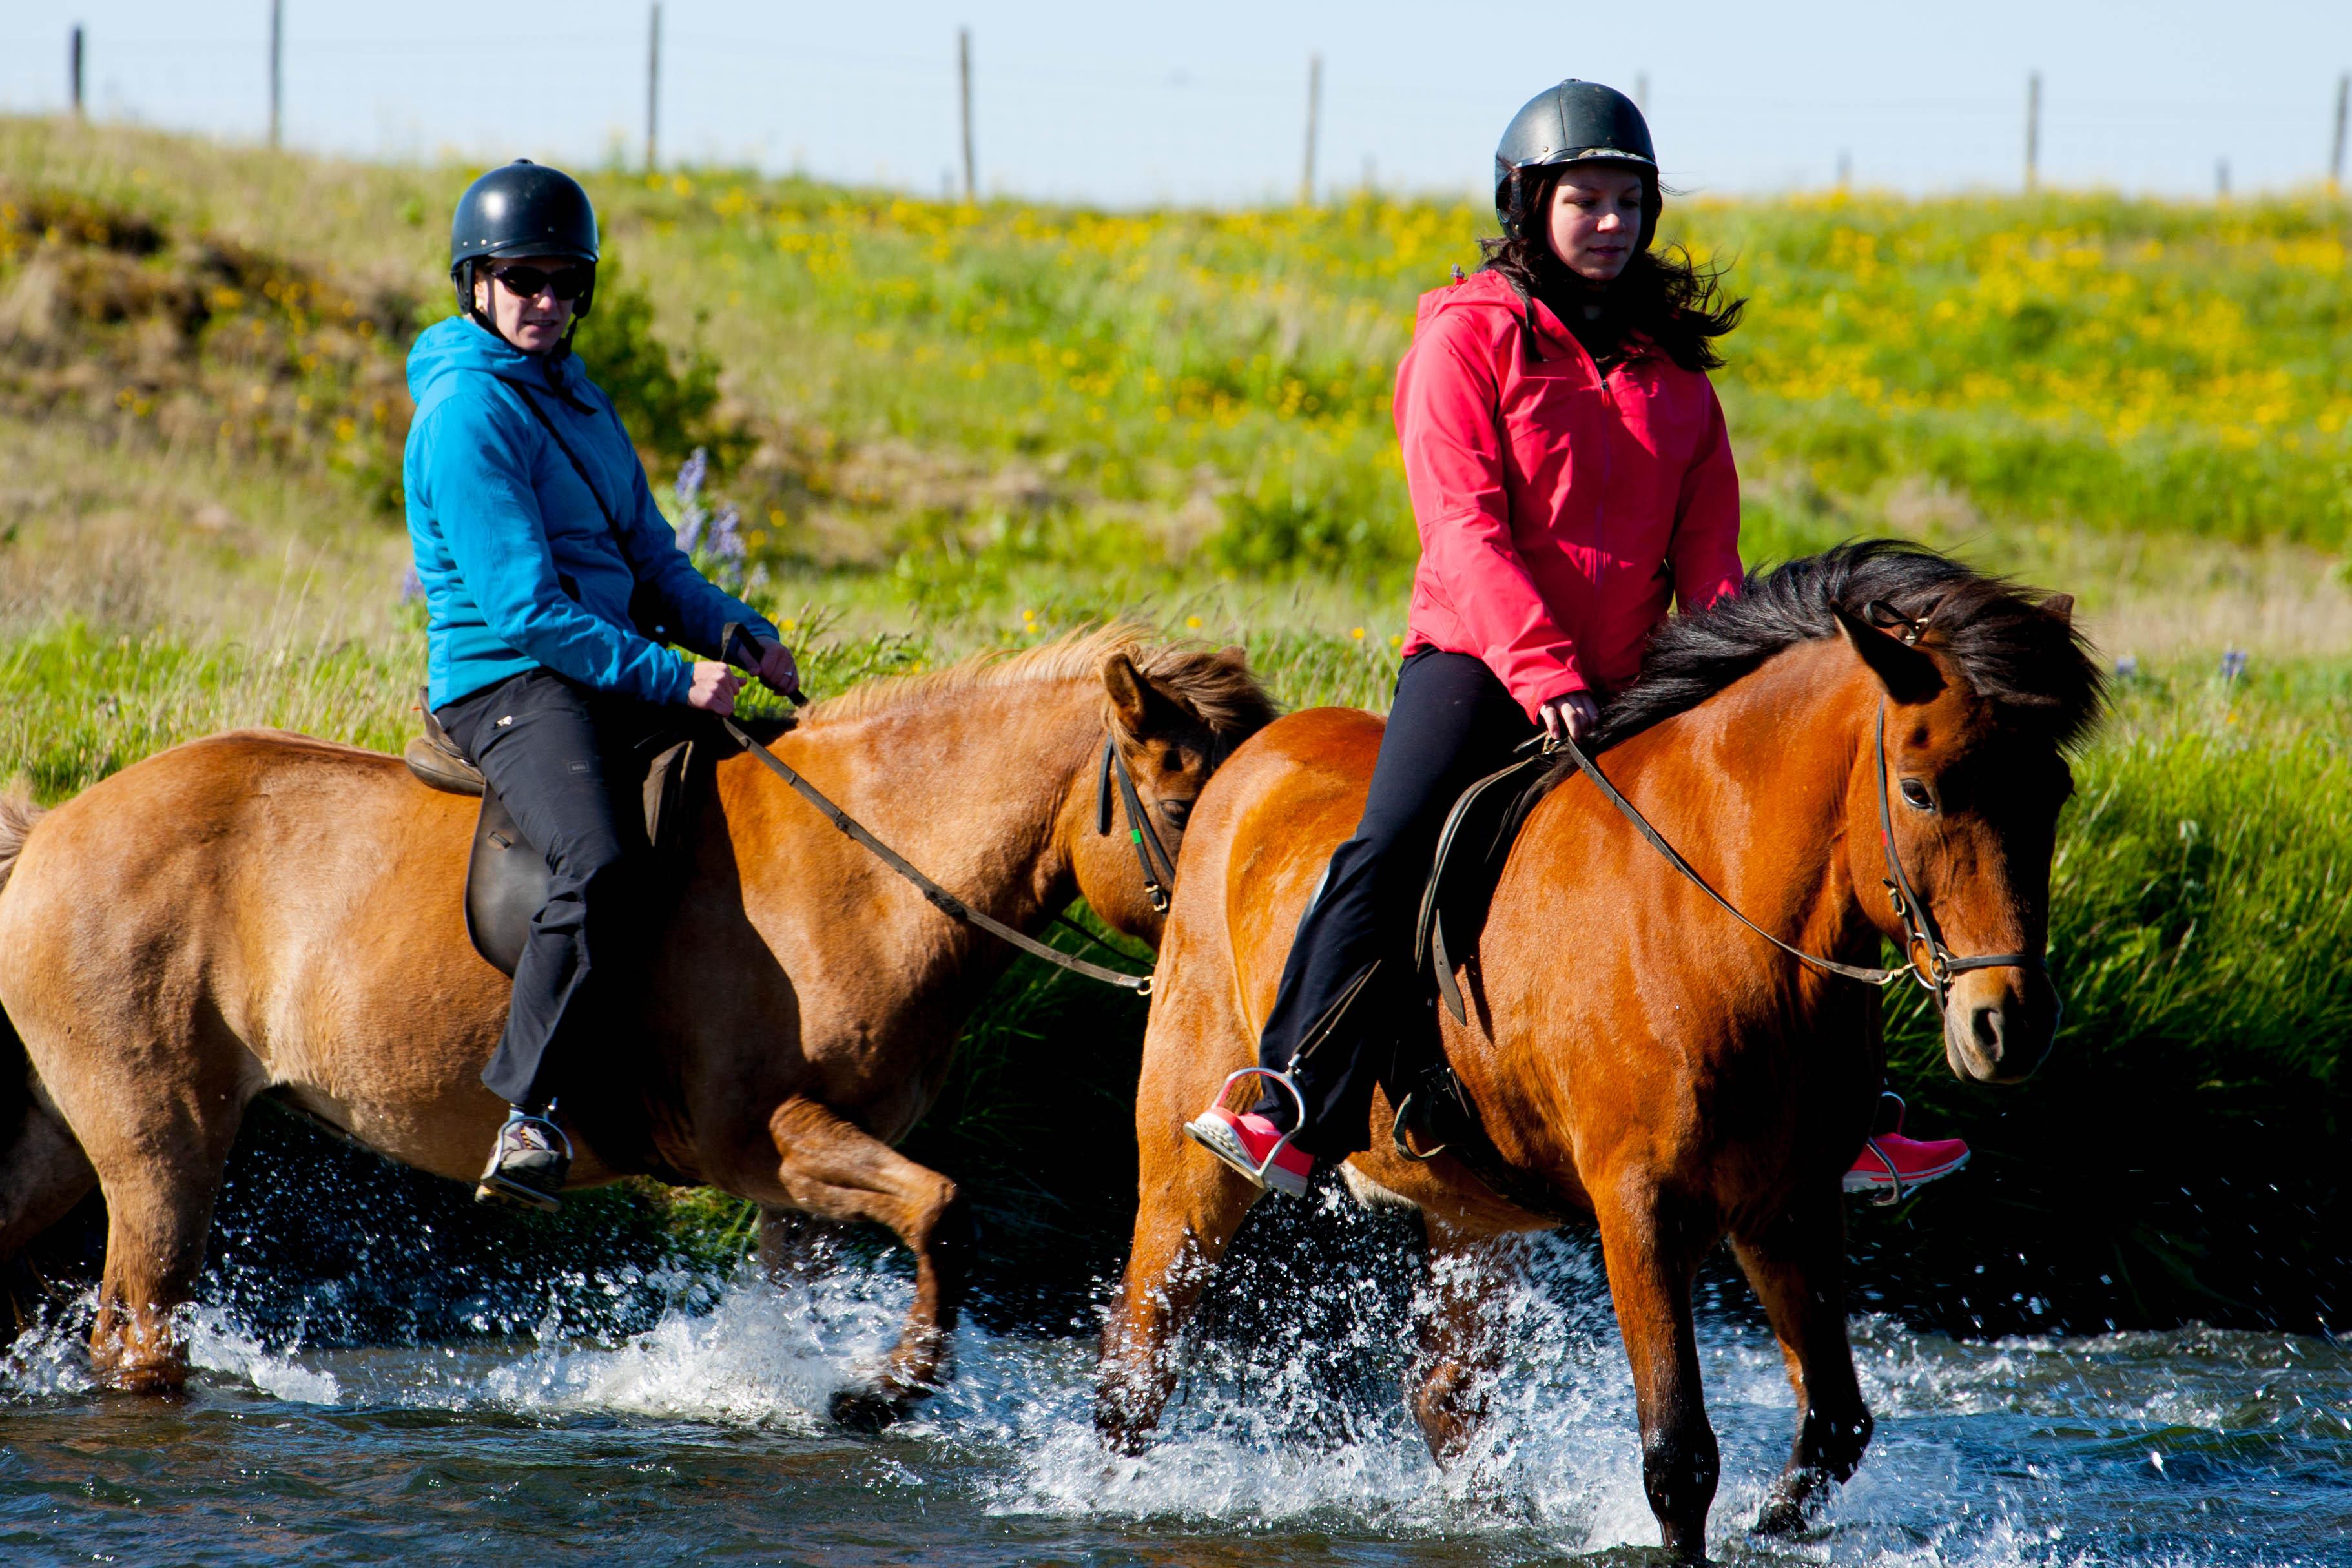 スーパージープがなくても、アイスランドの馬に頼り川を渡ることができる